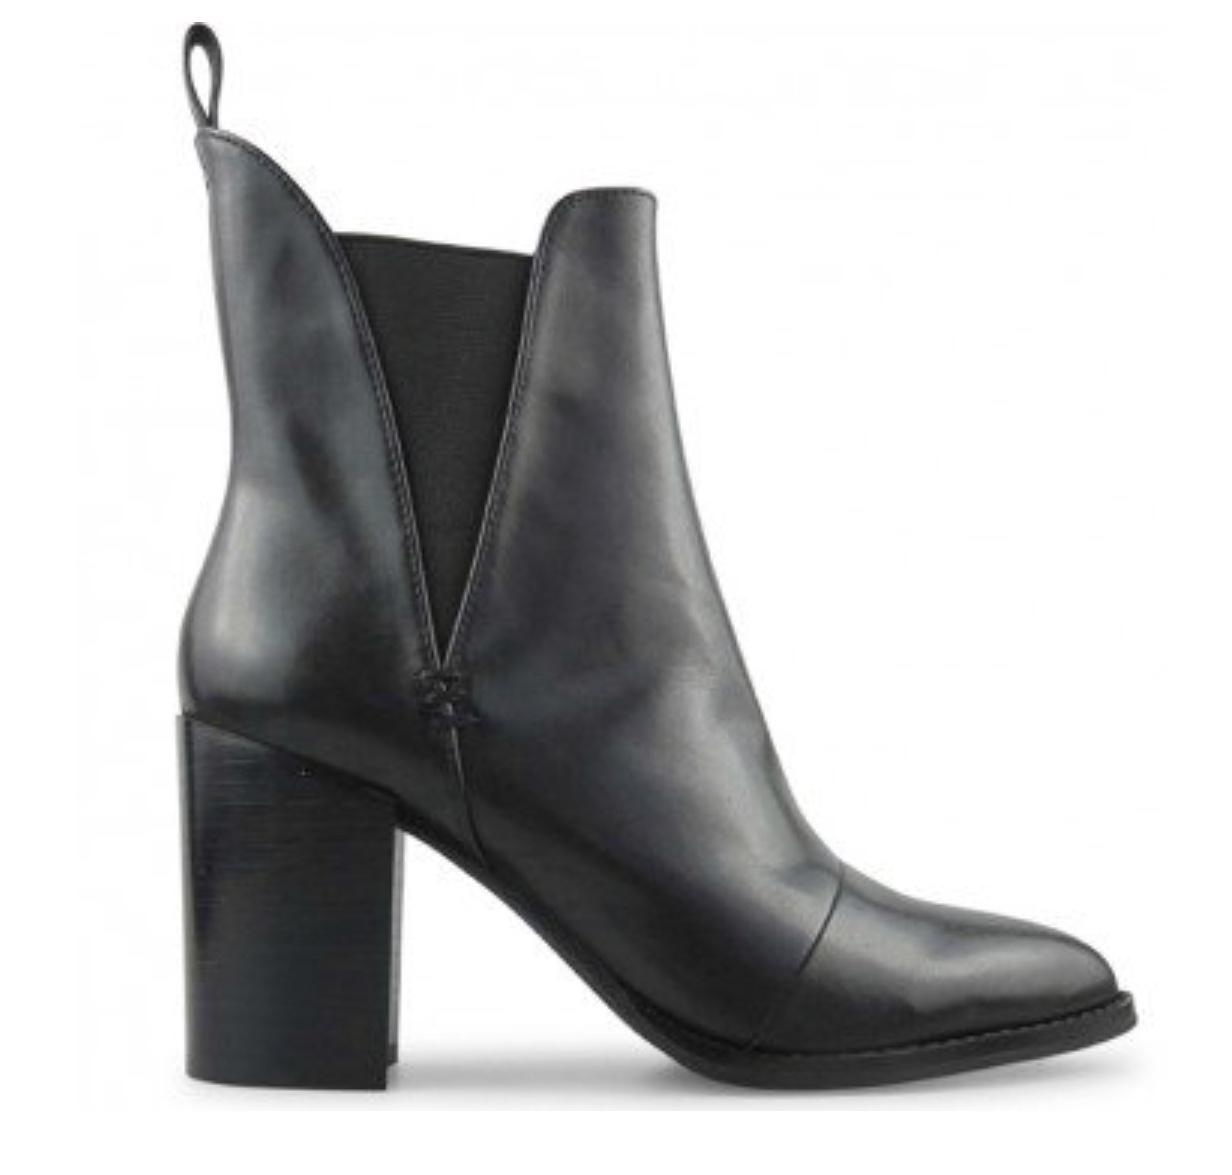 Danielle loves - Wittner Honestly Ankle Boot $249.95